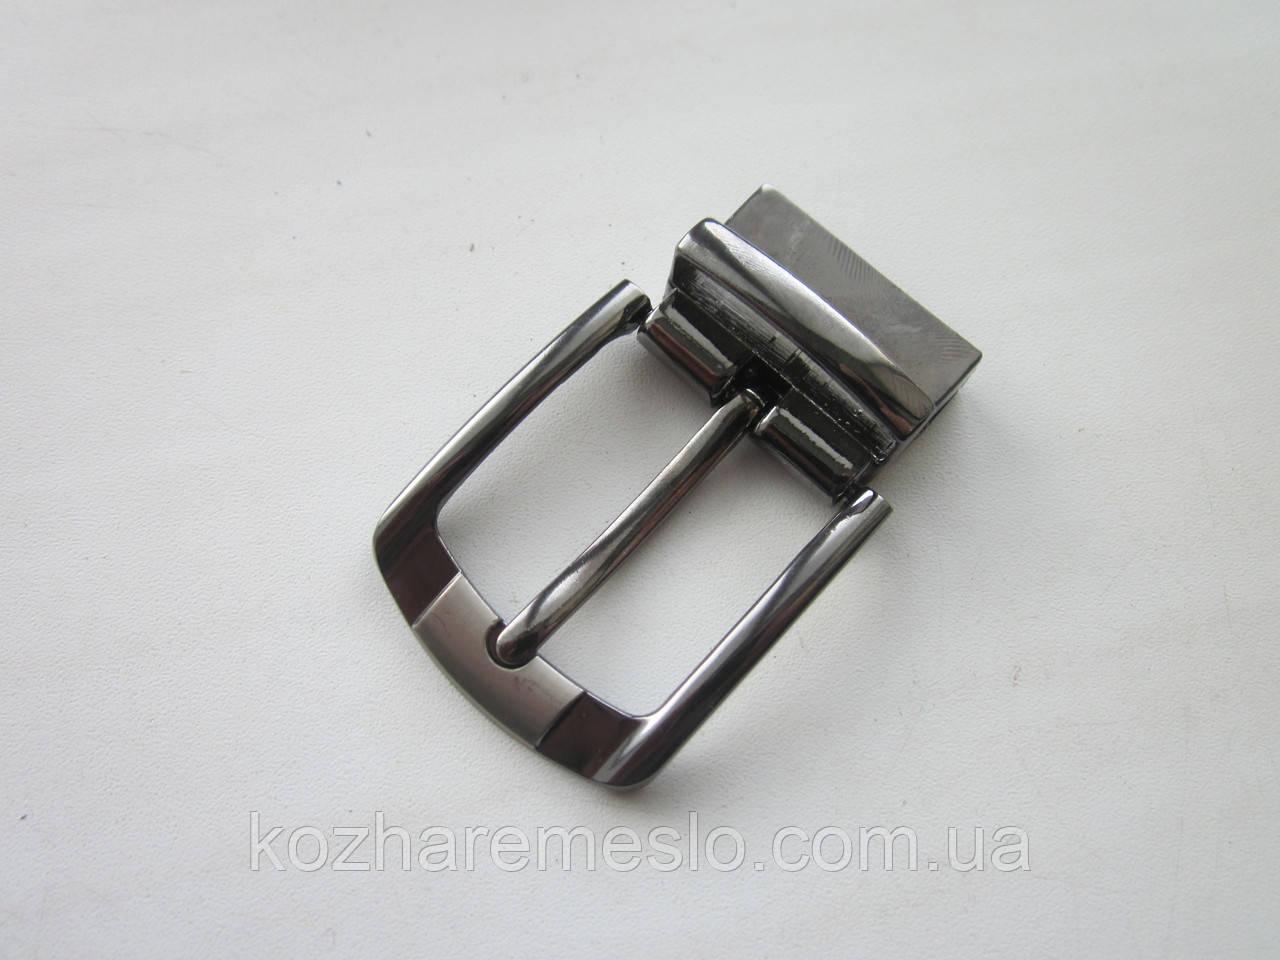 Пряжка поворотная для ремня 35 мм тёмный никель